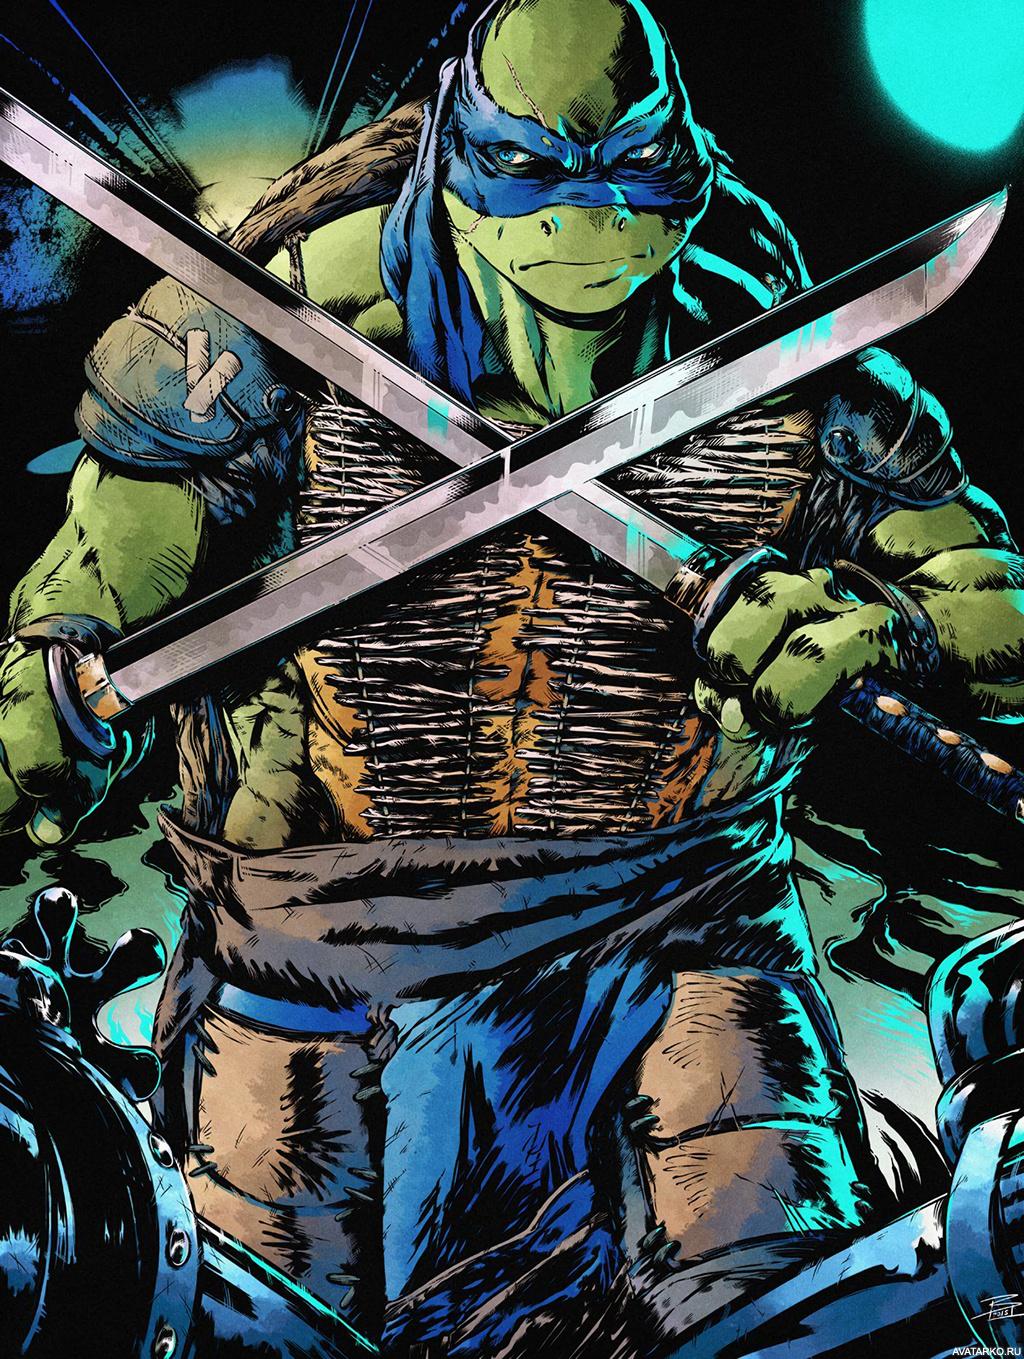 Черепашка-ниндзя Леонардо со скрещенными у груди мечами ...